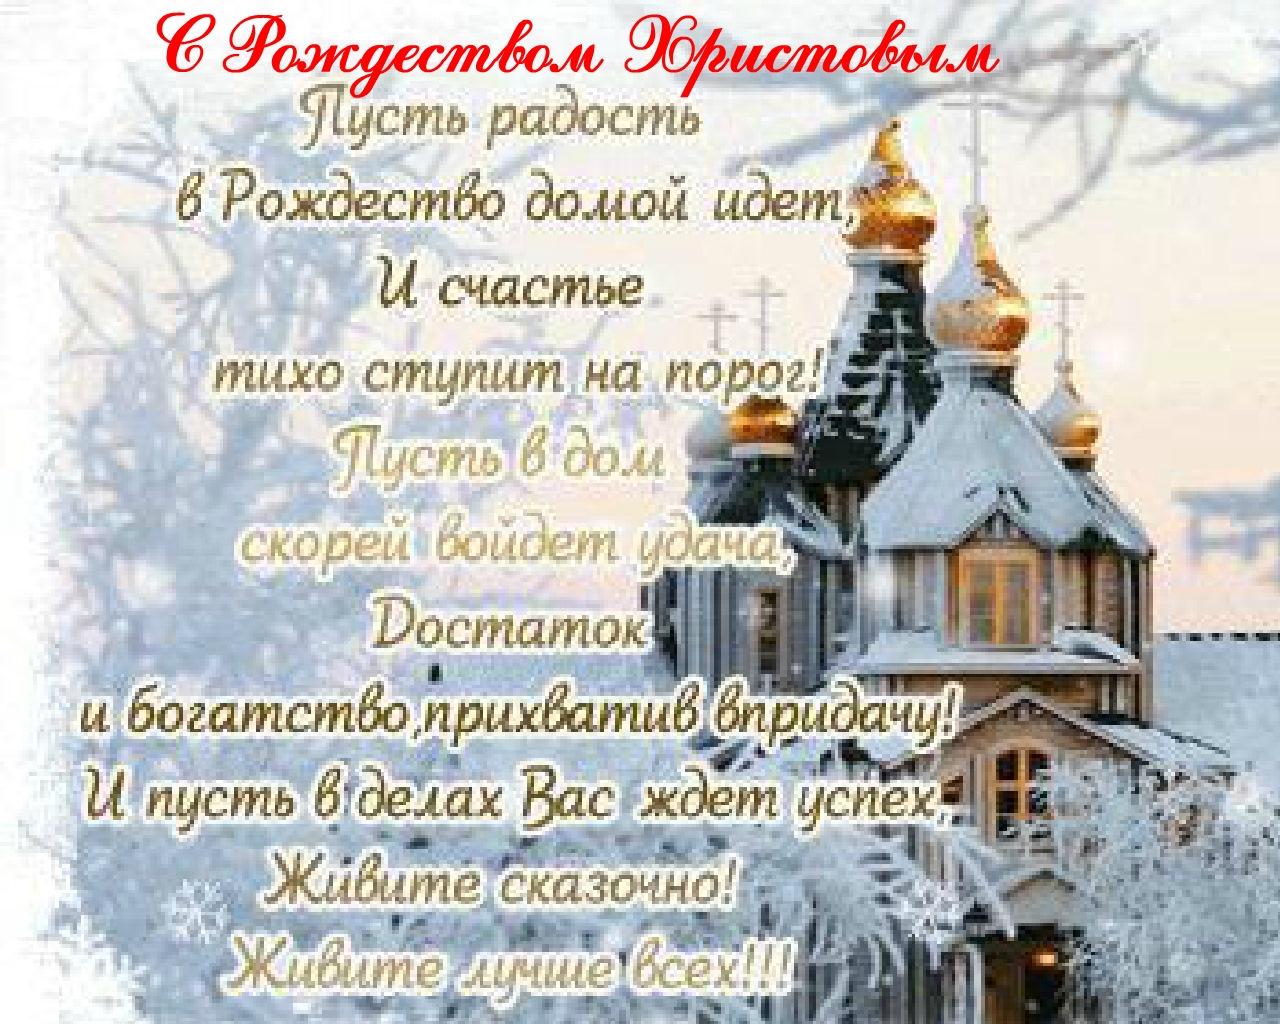 Поздравление на рождество с стихах